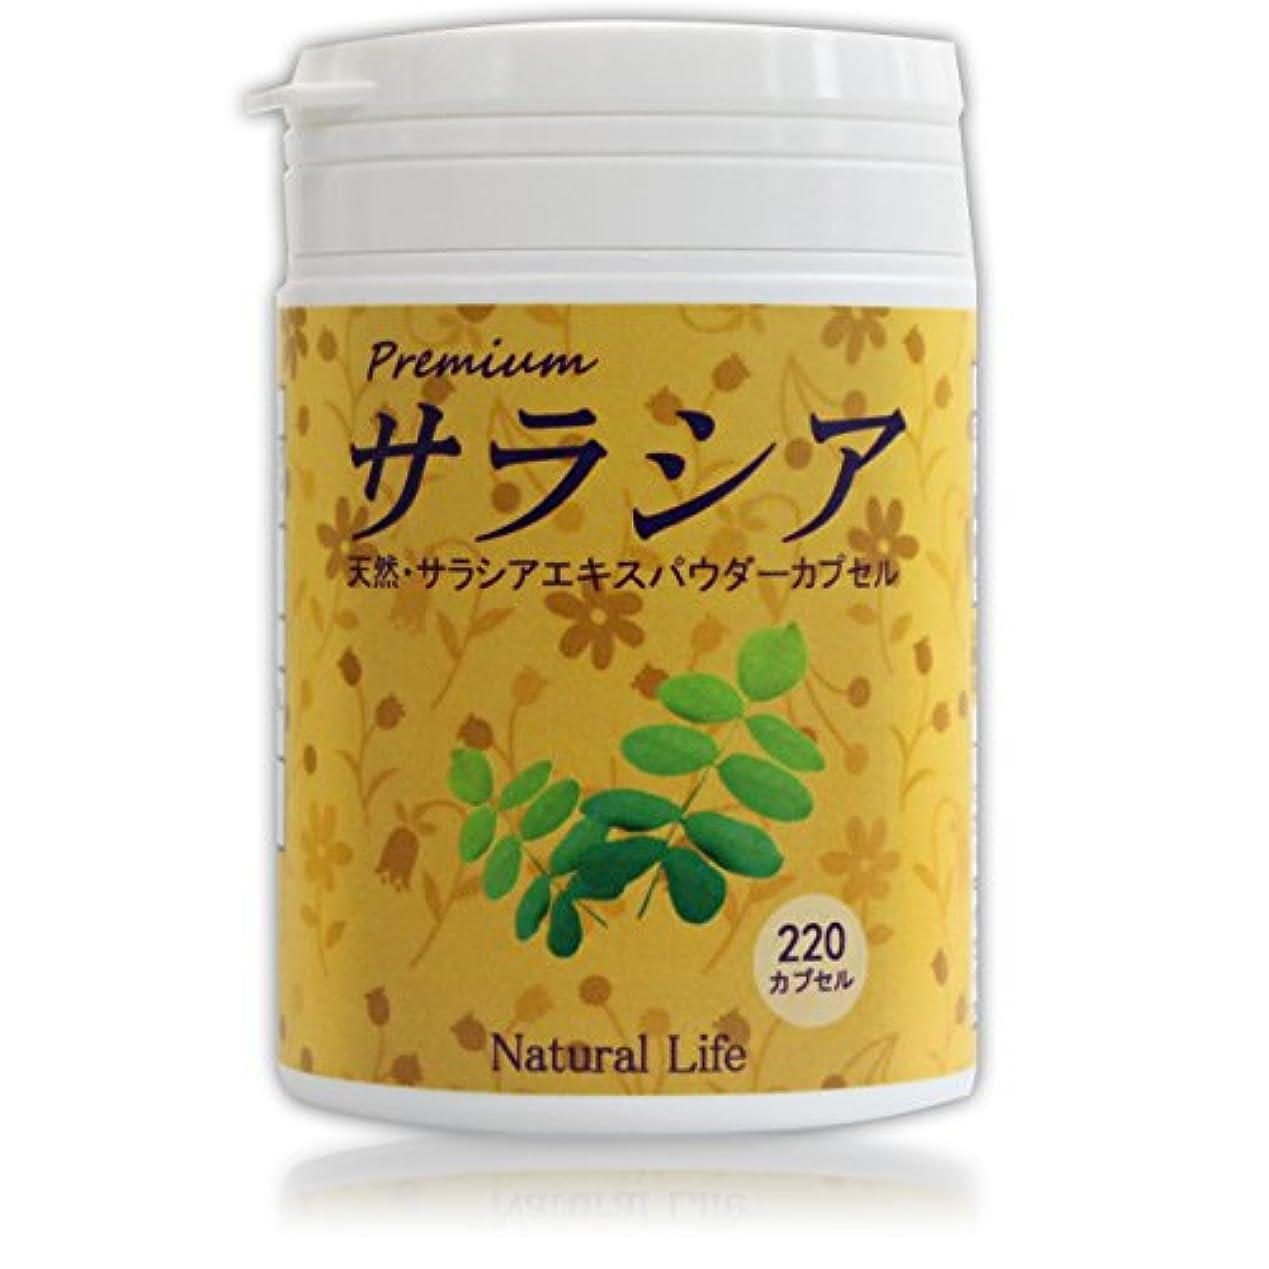 開拓者ノーブルクレタサラシアカプセル[220粒]天然ピュア原料(無添加) 健康食品(サラシア,さらしあ)